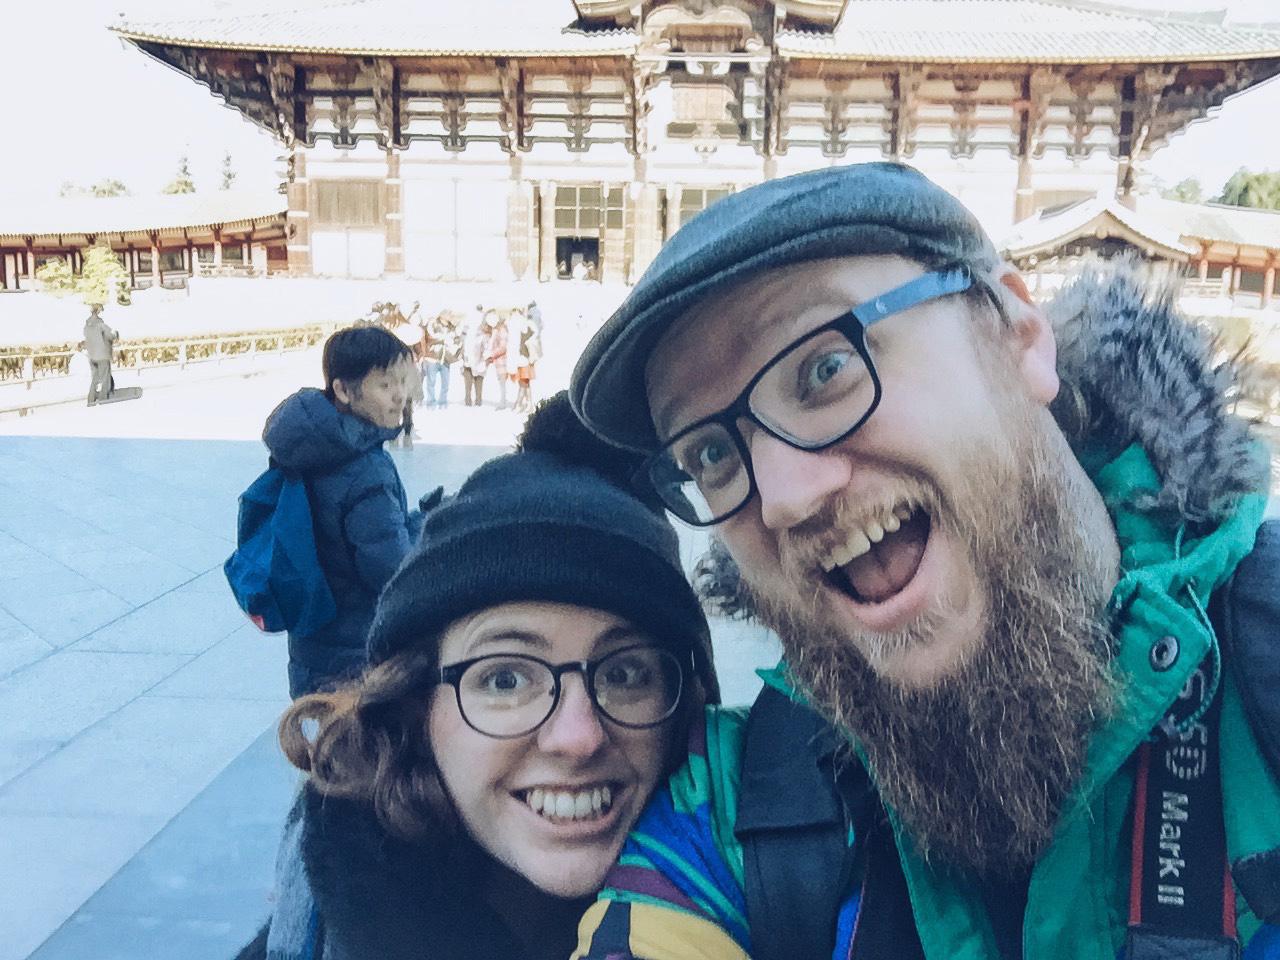 Instagramming Japan - nara selfie